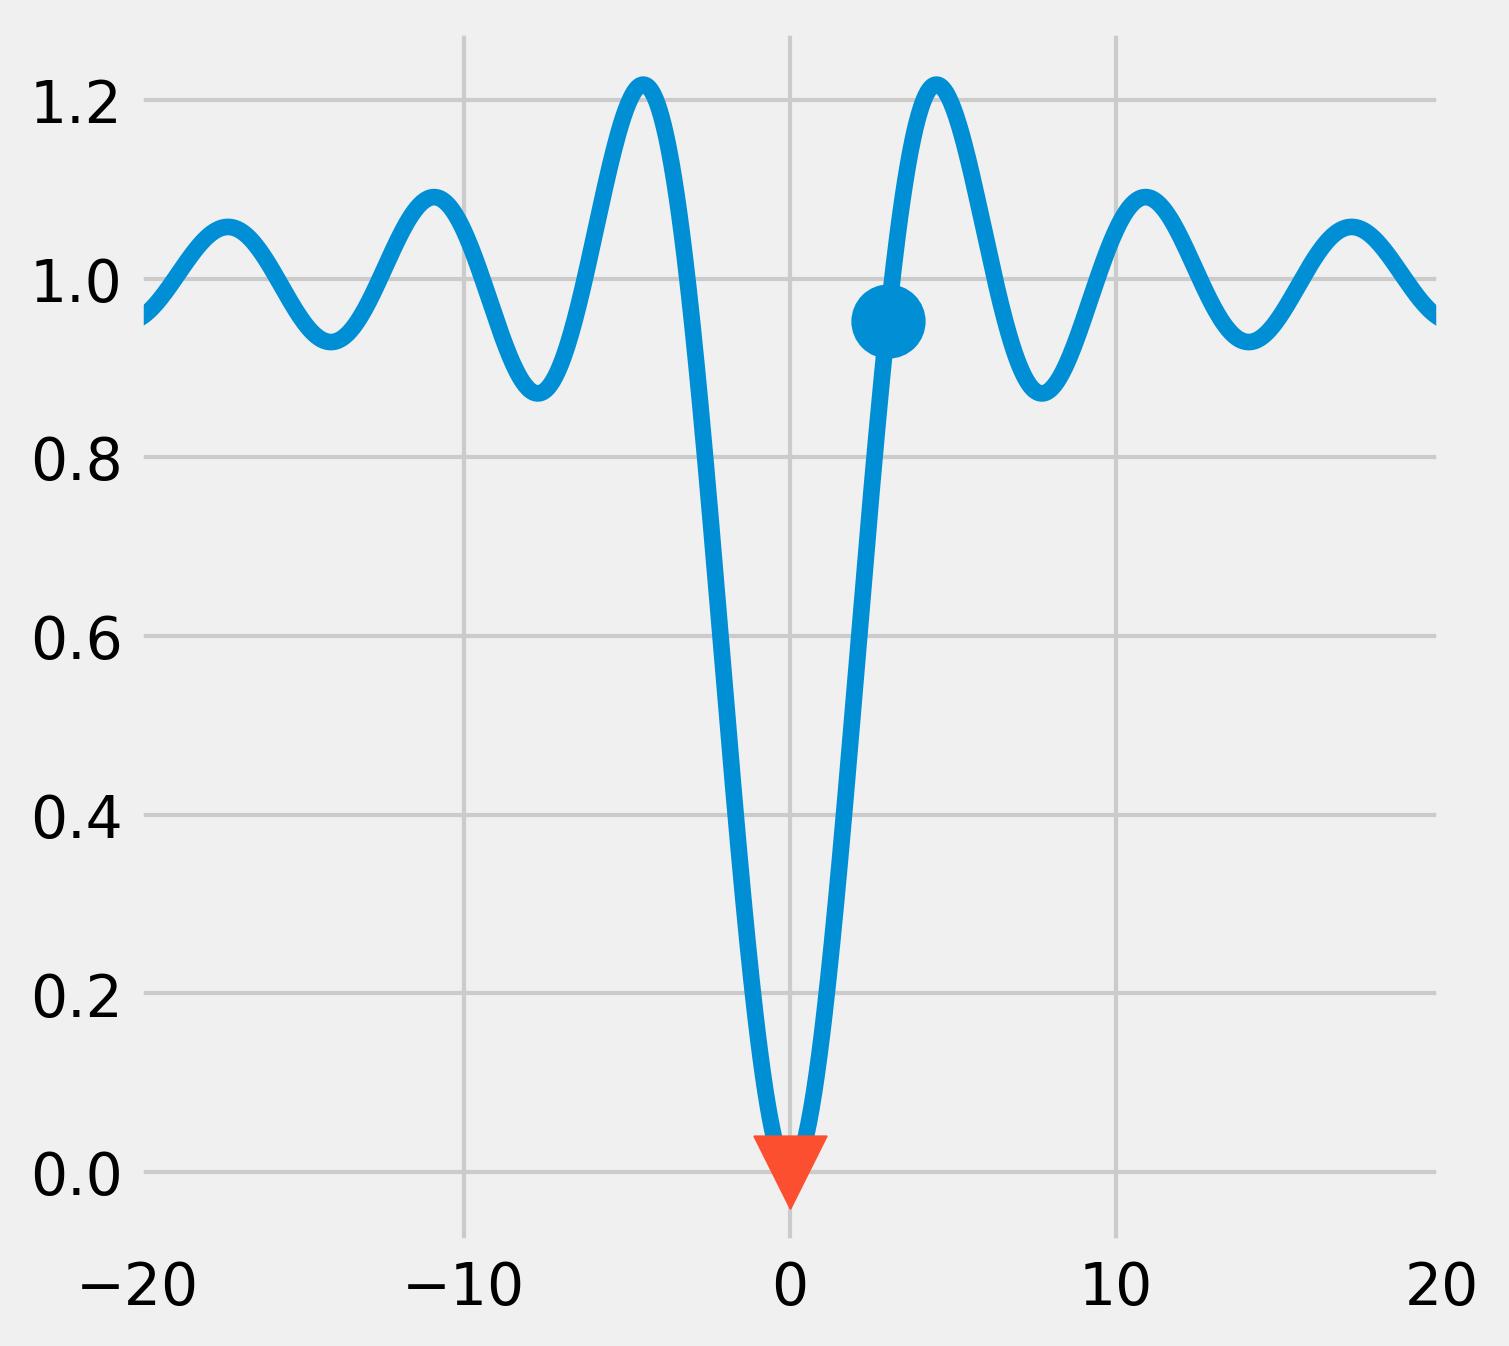 <matplotlib.figure.Figure at 0x73f03c8>